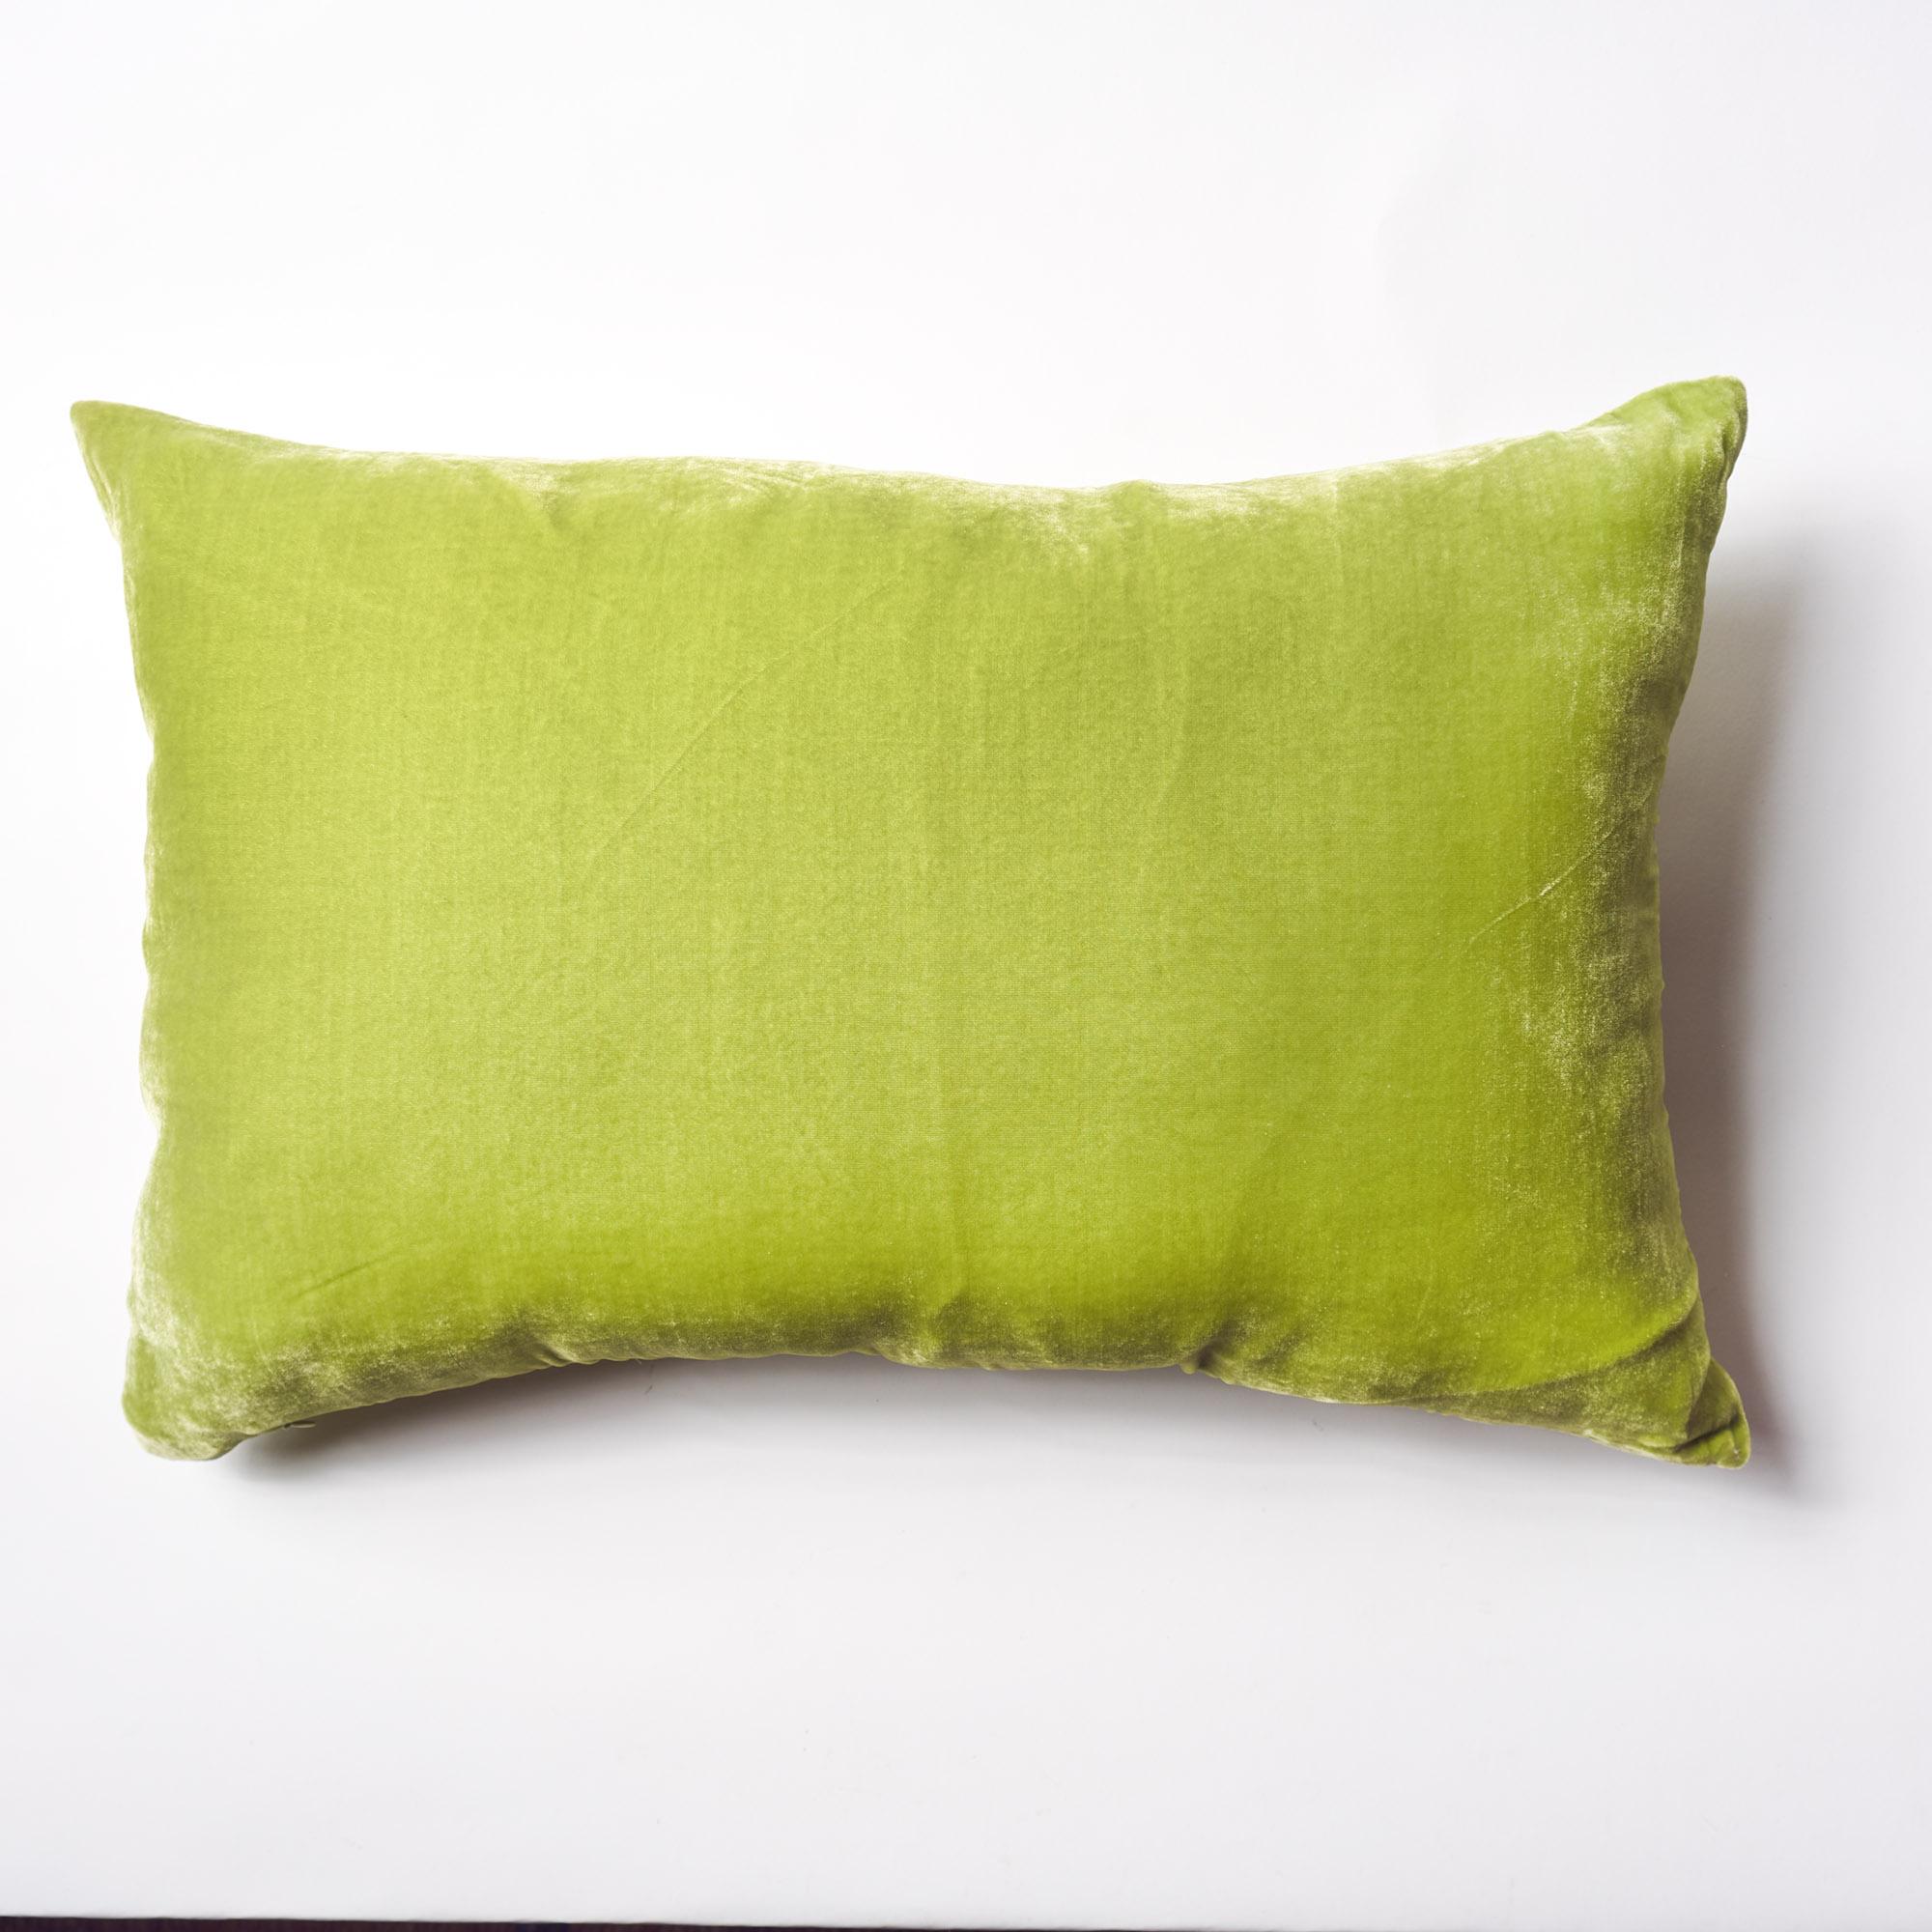 SALE! Almohadón de terciopelo, rectangular, verde lima